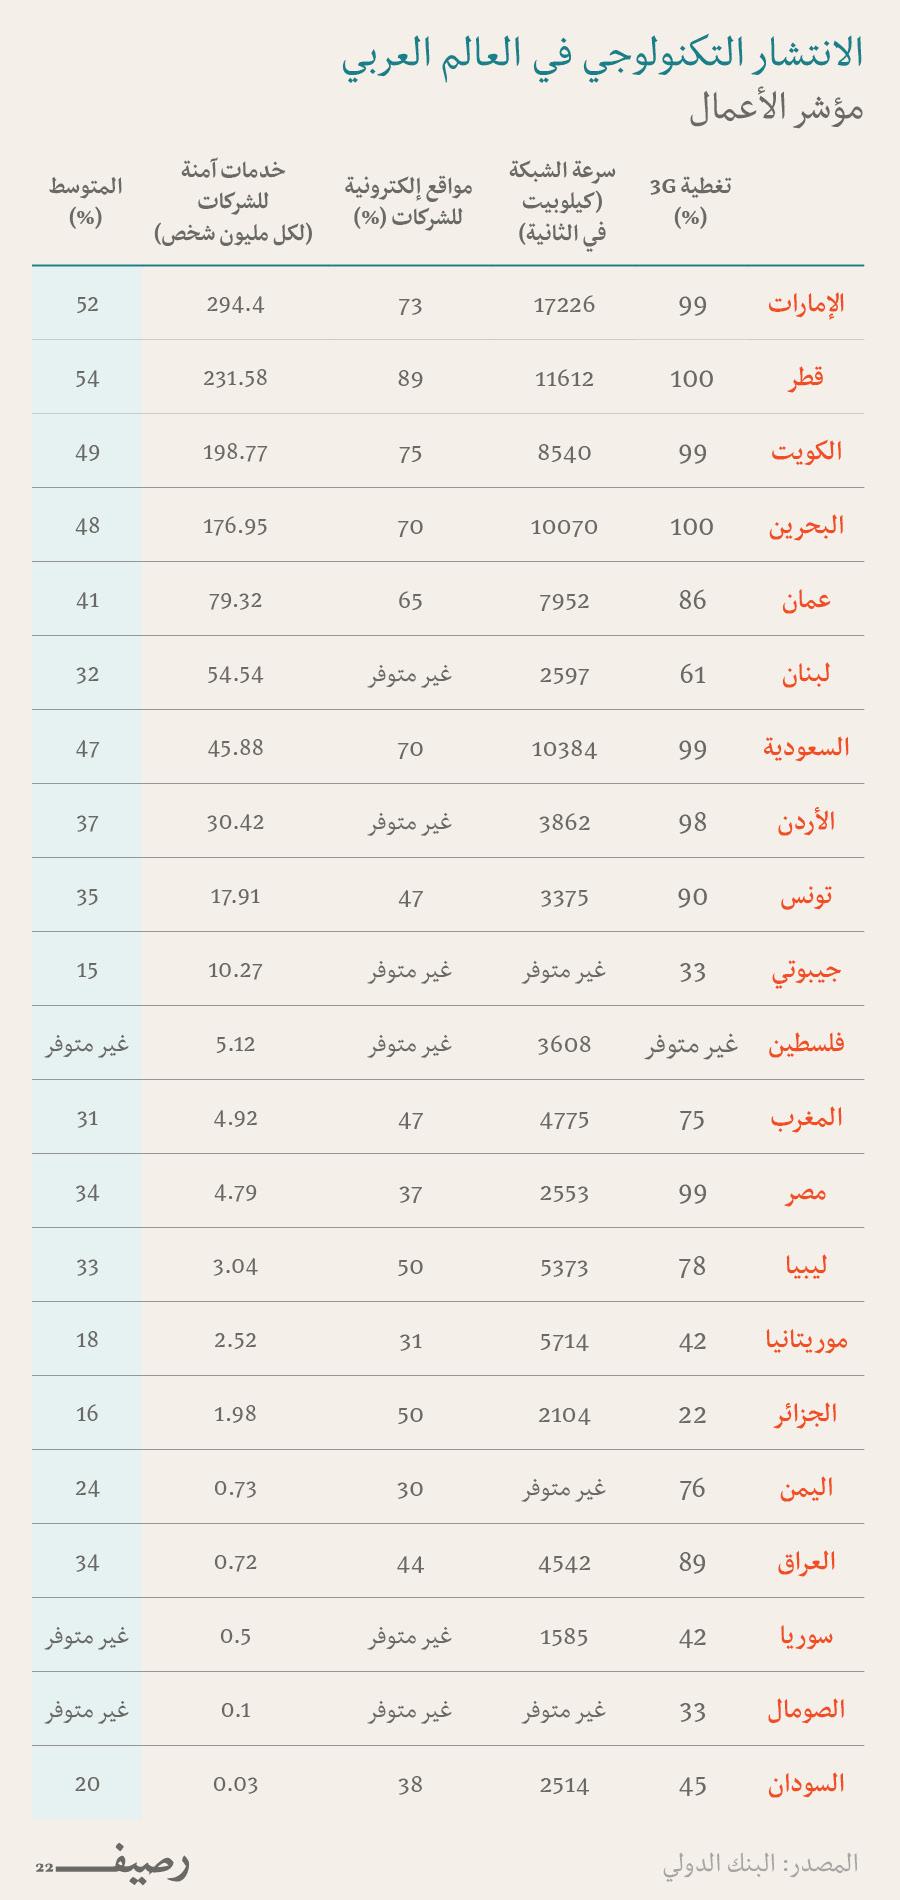 تكنولوجيا العالم العربي - مؤشر الأعمال